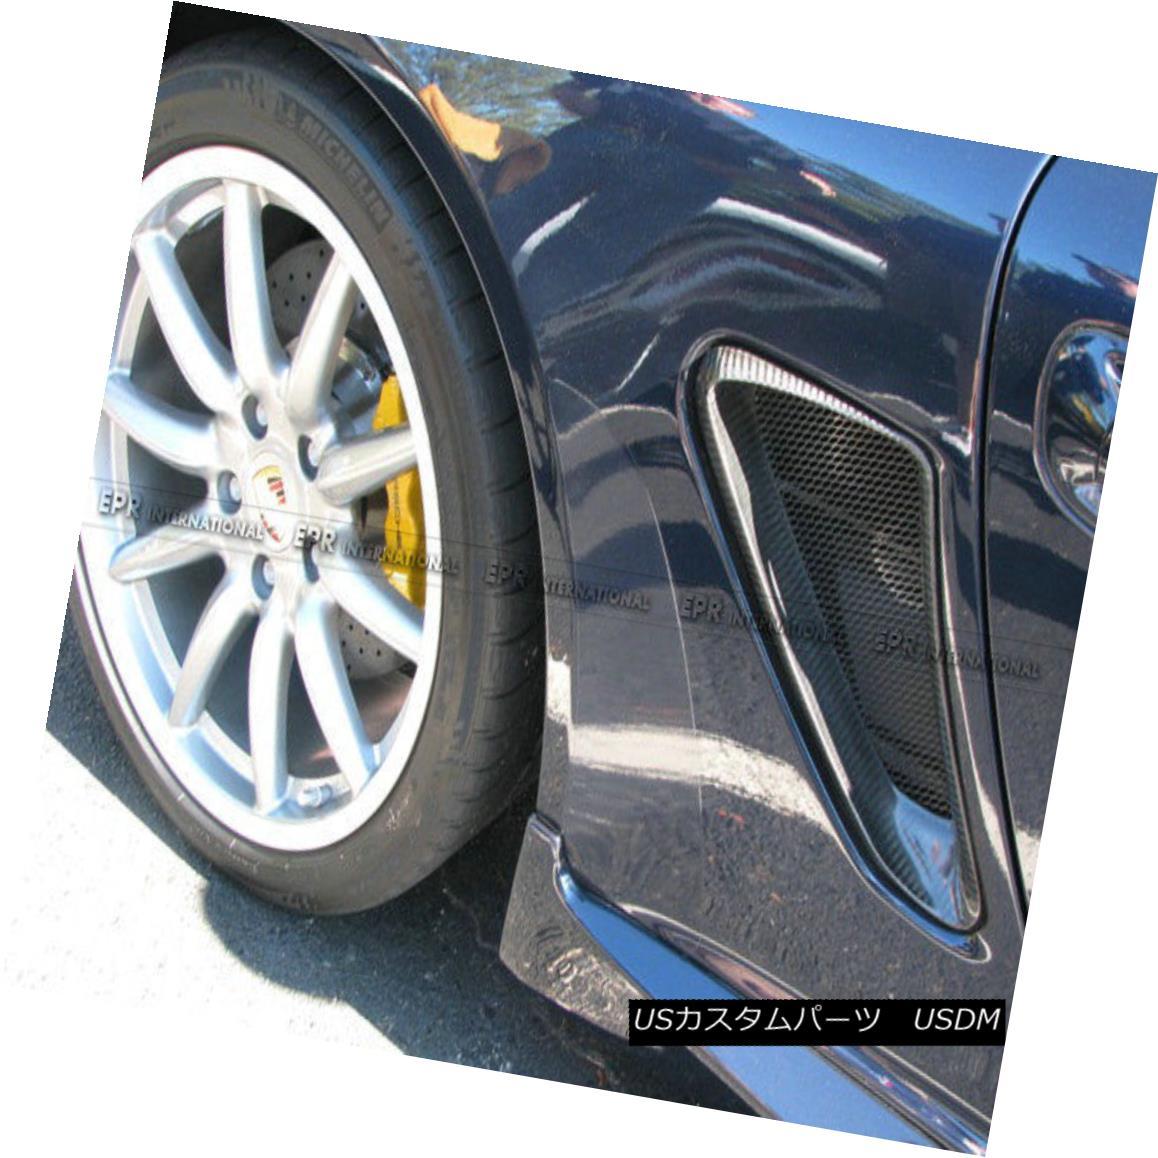 エアロパーツ Carbon For Porsche 06-12 Caymans 987 Boxster S EP Style Type 2 Side Vents Duct Carbon For Porsche 06-12 Caymans 987 Boxster S EPスタイルタイプ2サイドベントダクト